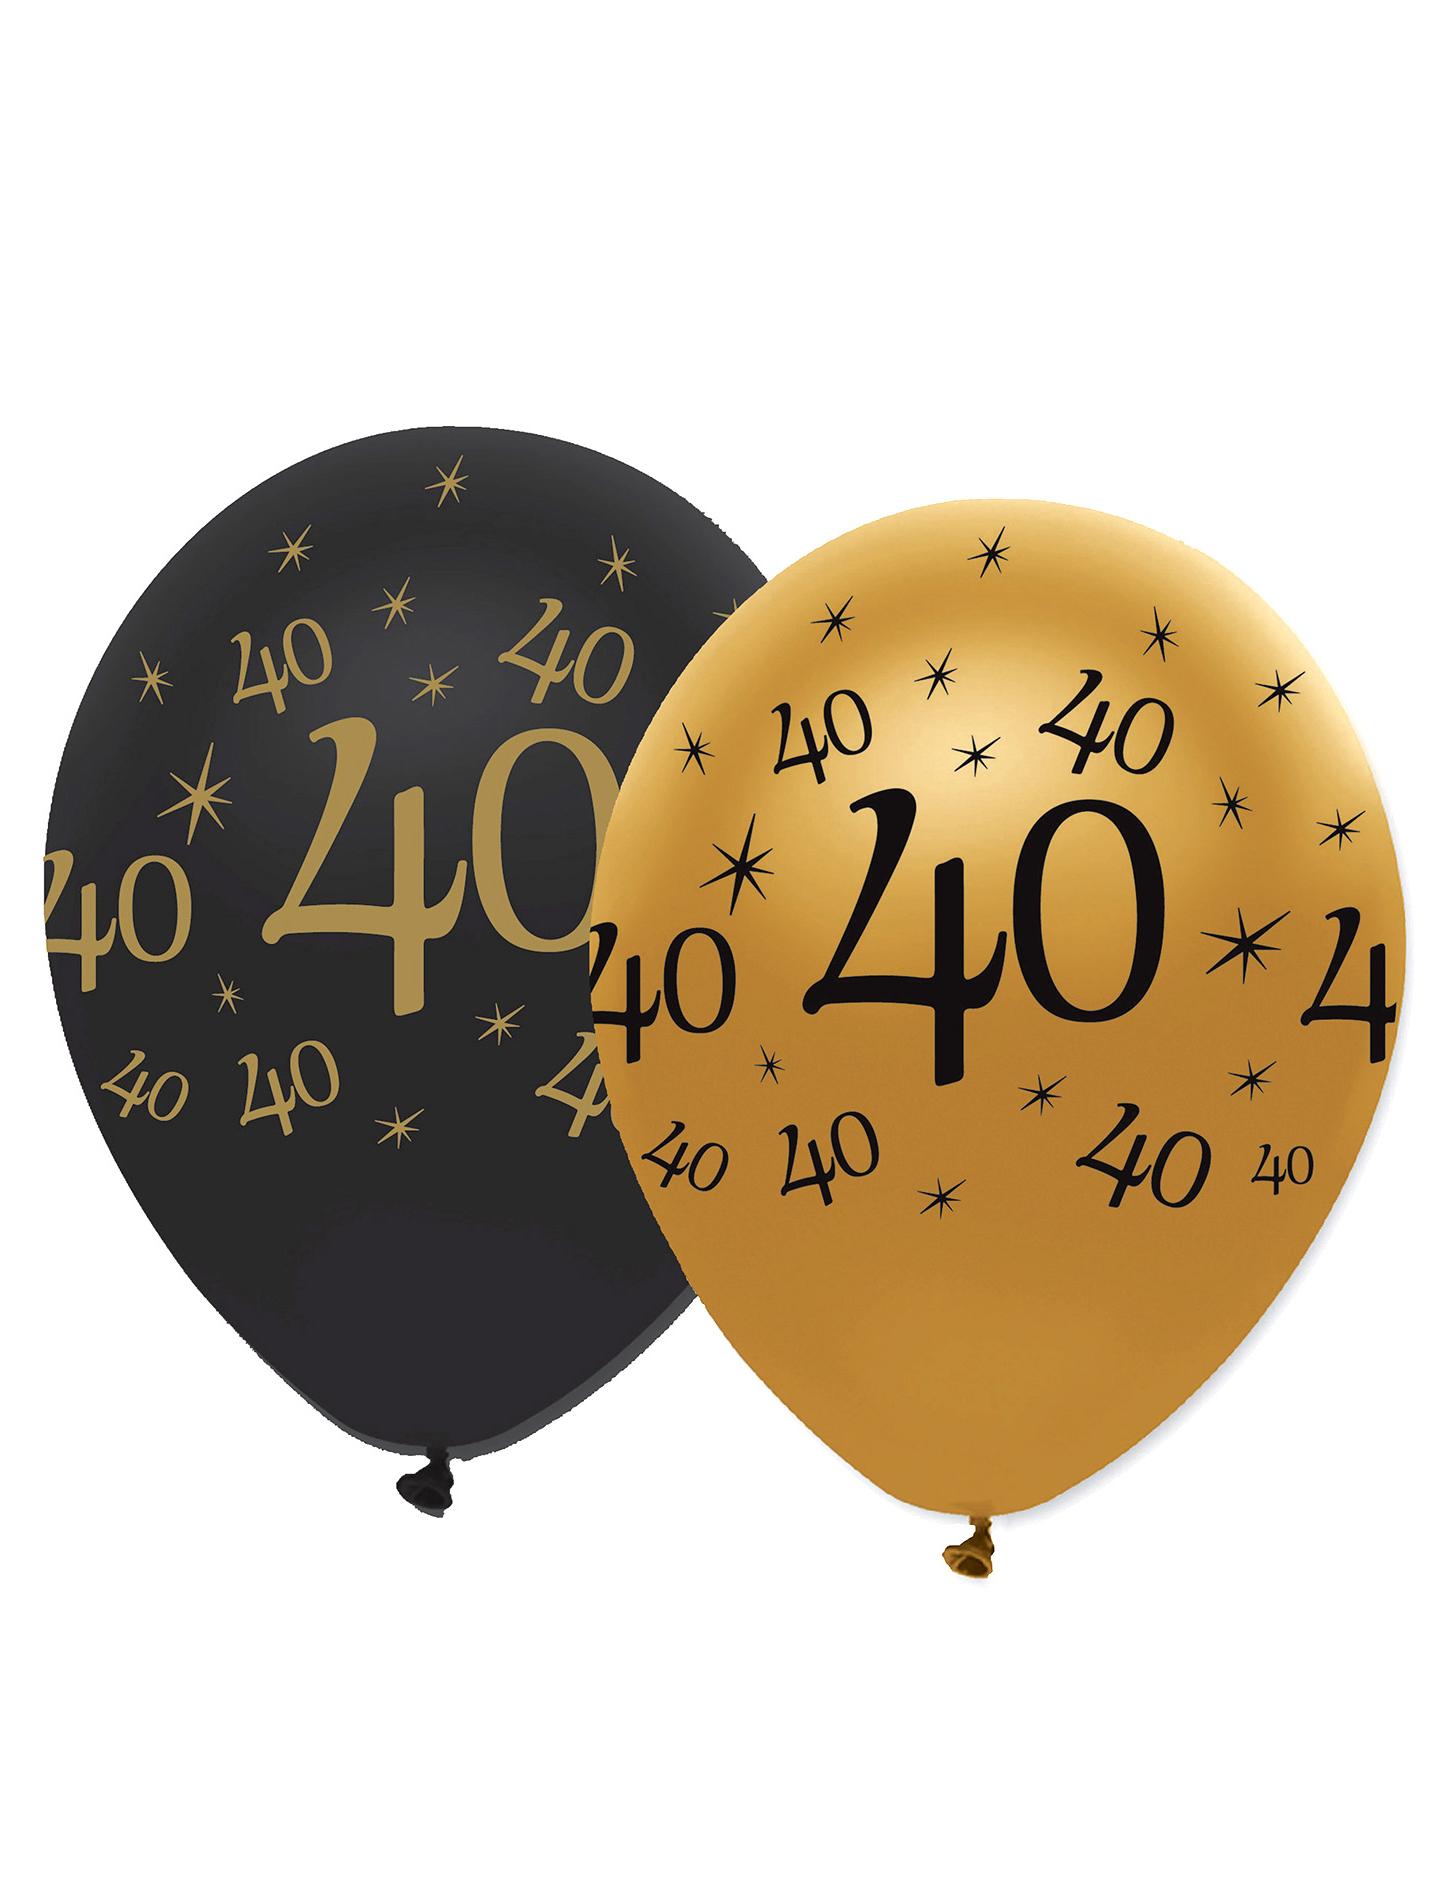 ballonnen 40 jaar 6 zwarte en gouden 40 jaar ballonnen: Decoratie,en goedkope  ballonnen 40 jaar